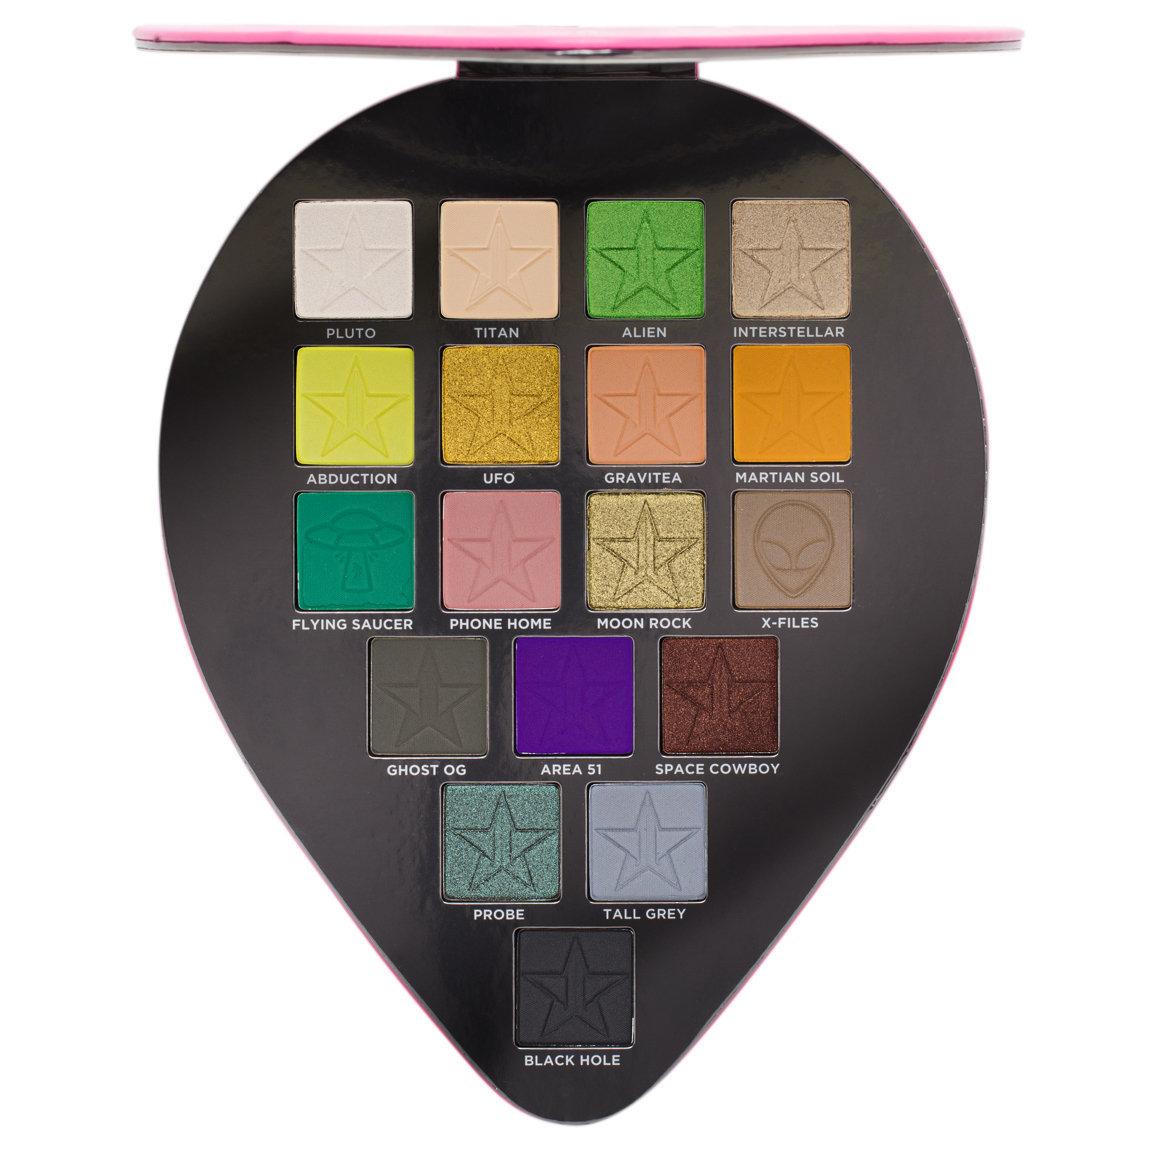 Jeffree Star Cosmetics - Alien Eyeshadow Palette